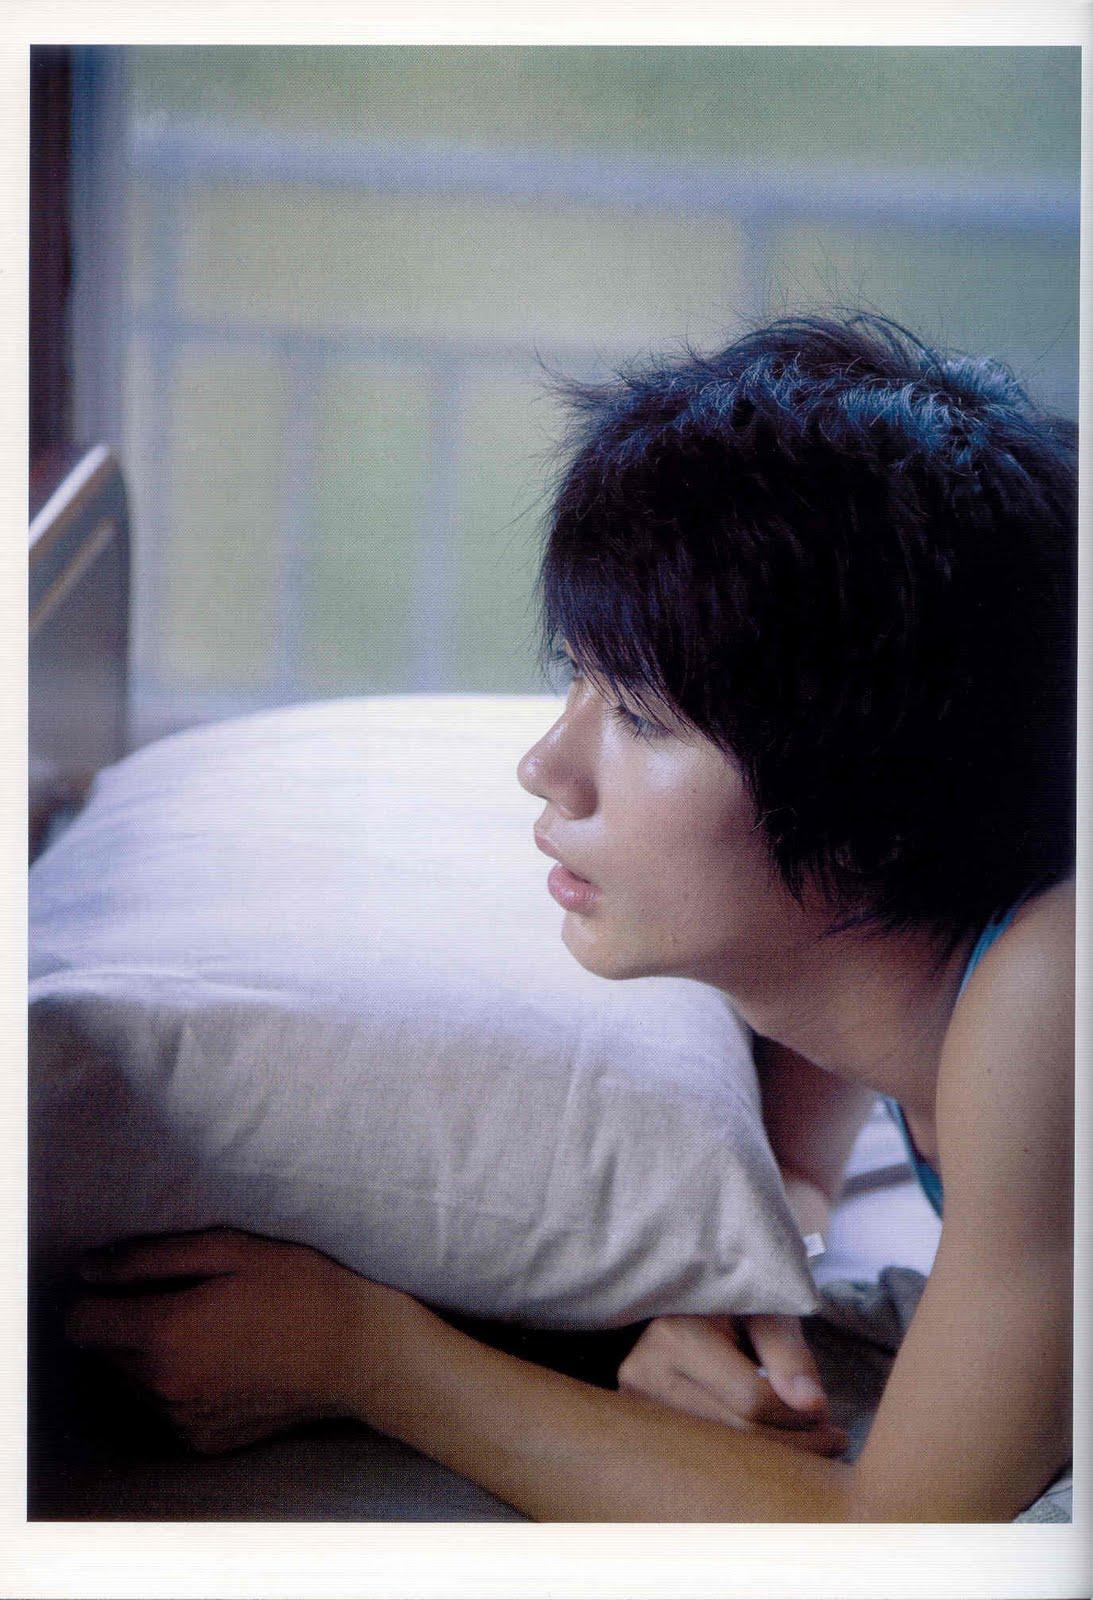 Miura Haruma Mhtabun011ul8